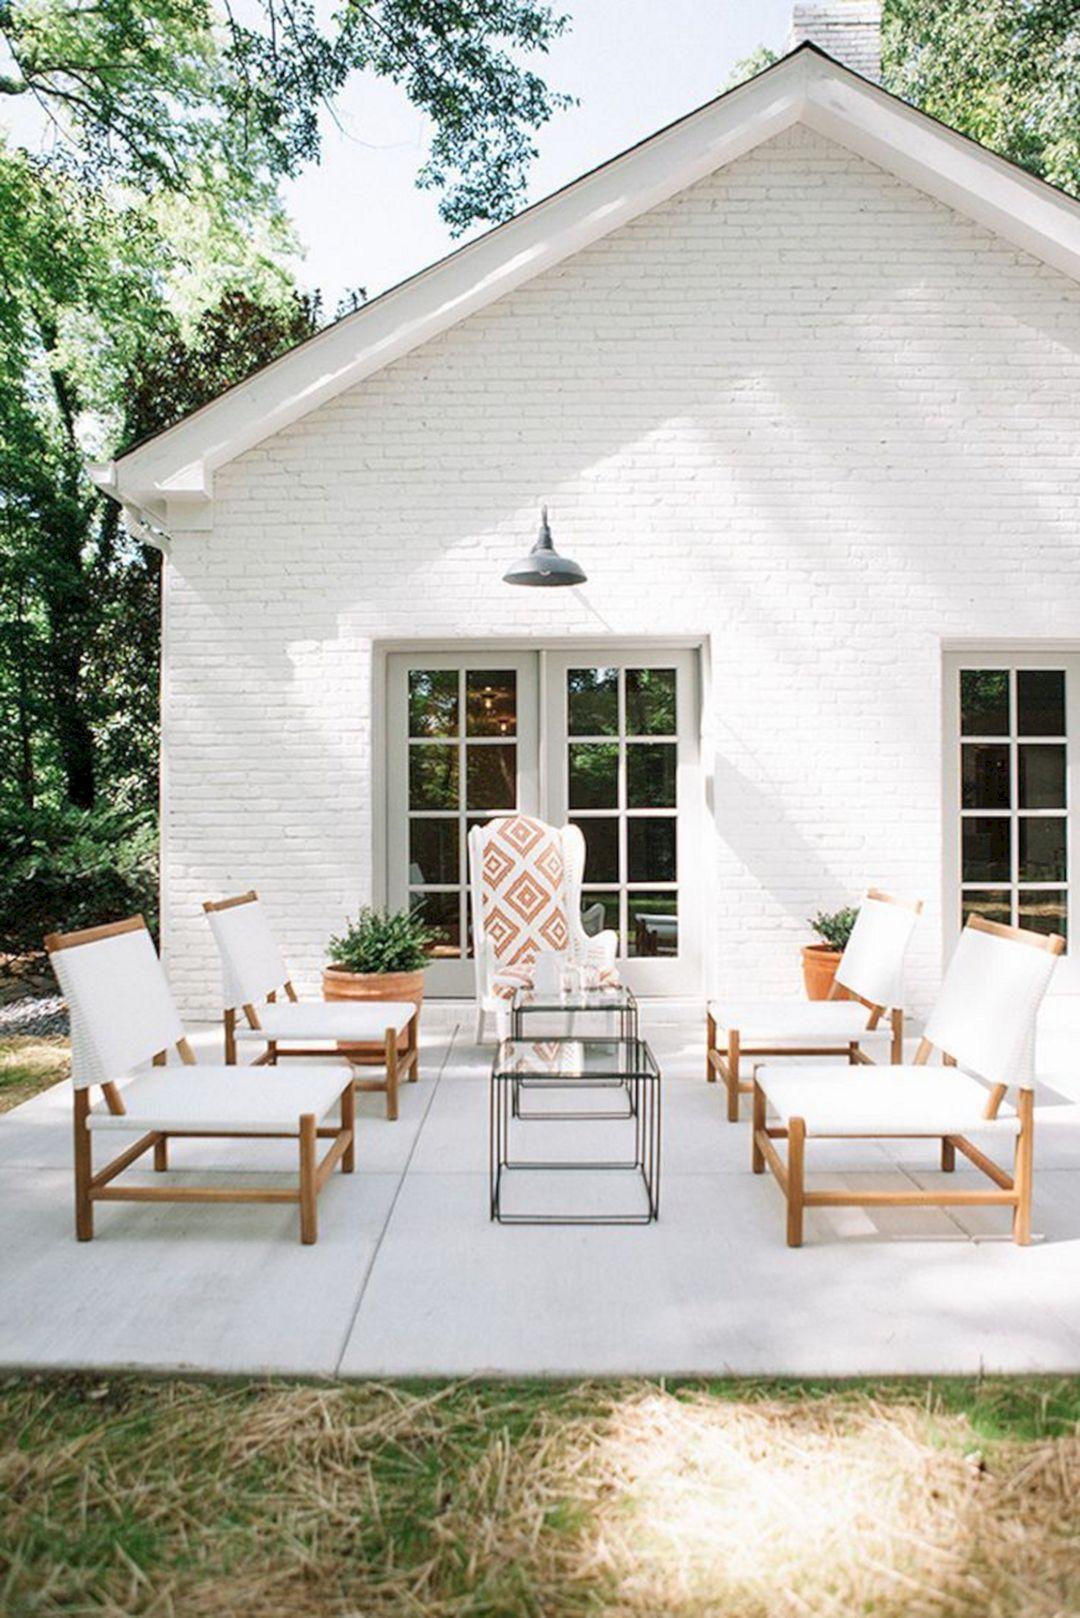 Best Outdoor Living Spaces 134 - DECOREDO on Best Outdoor Living Spaces id=81271